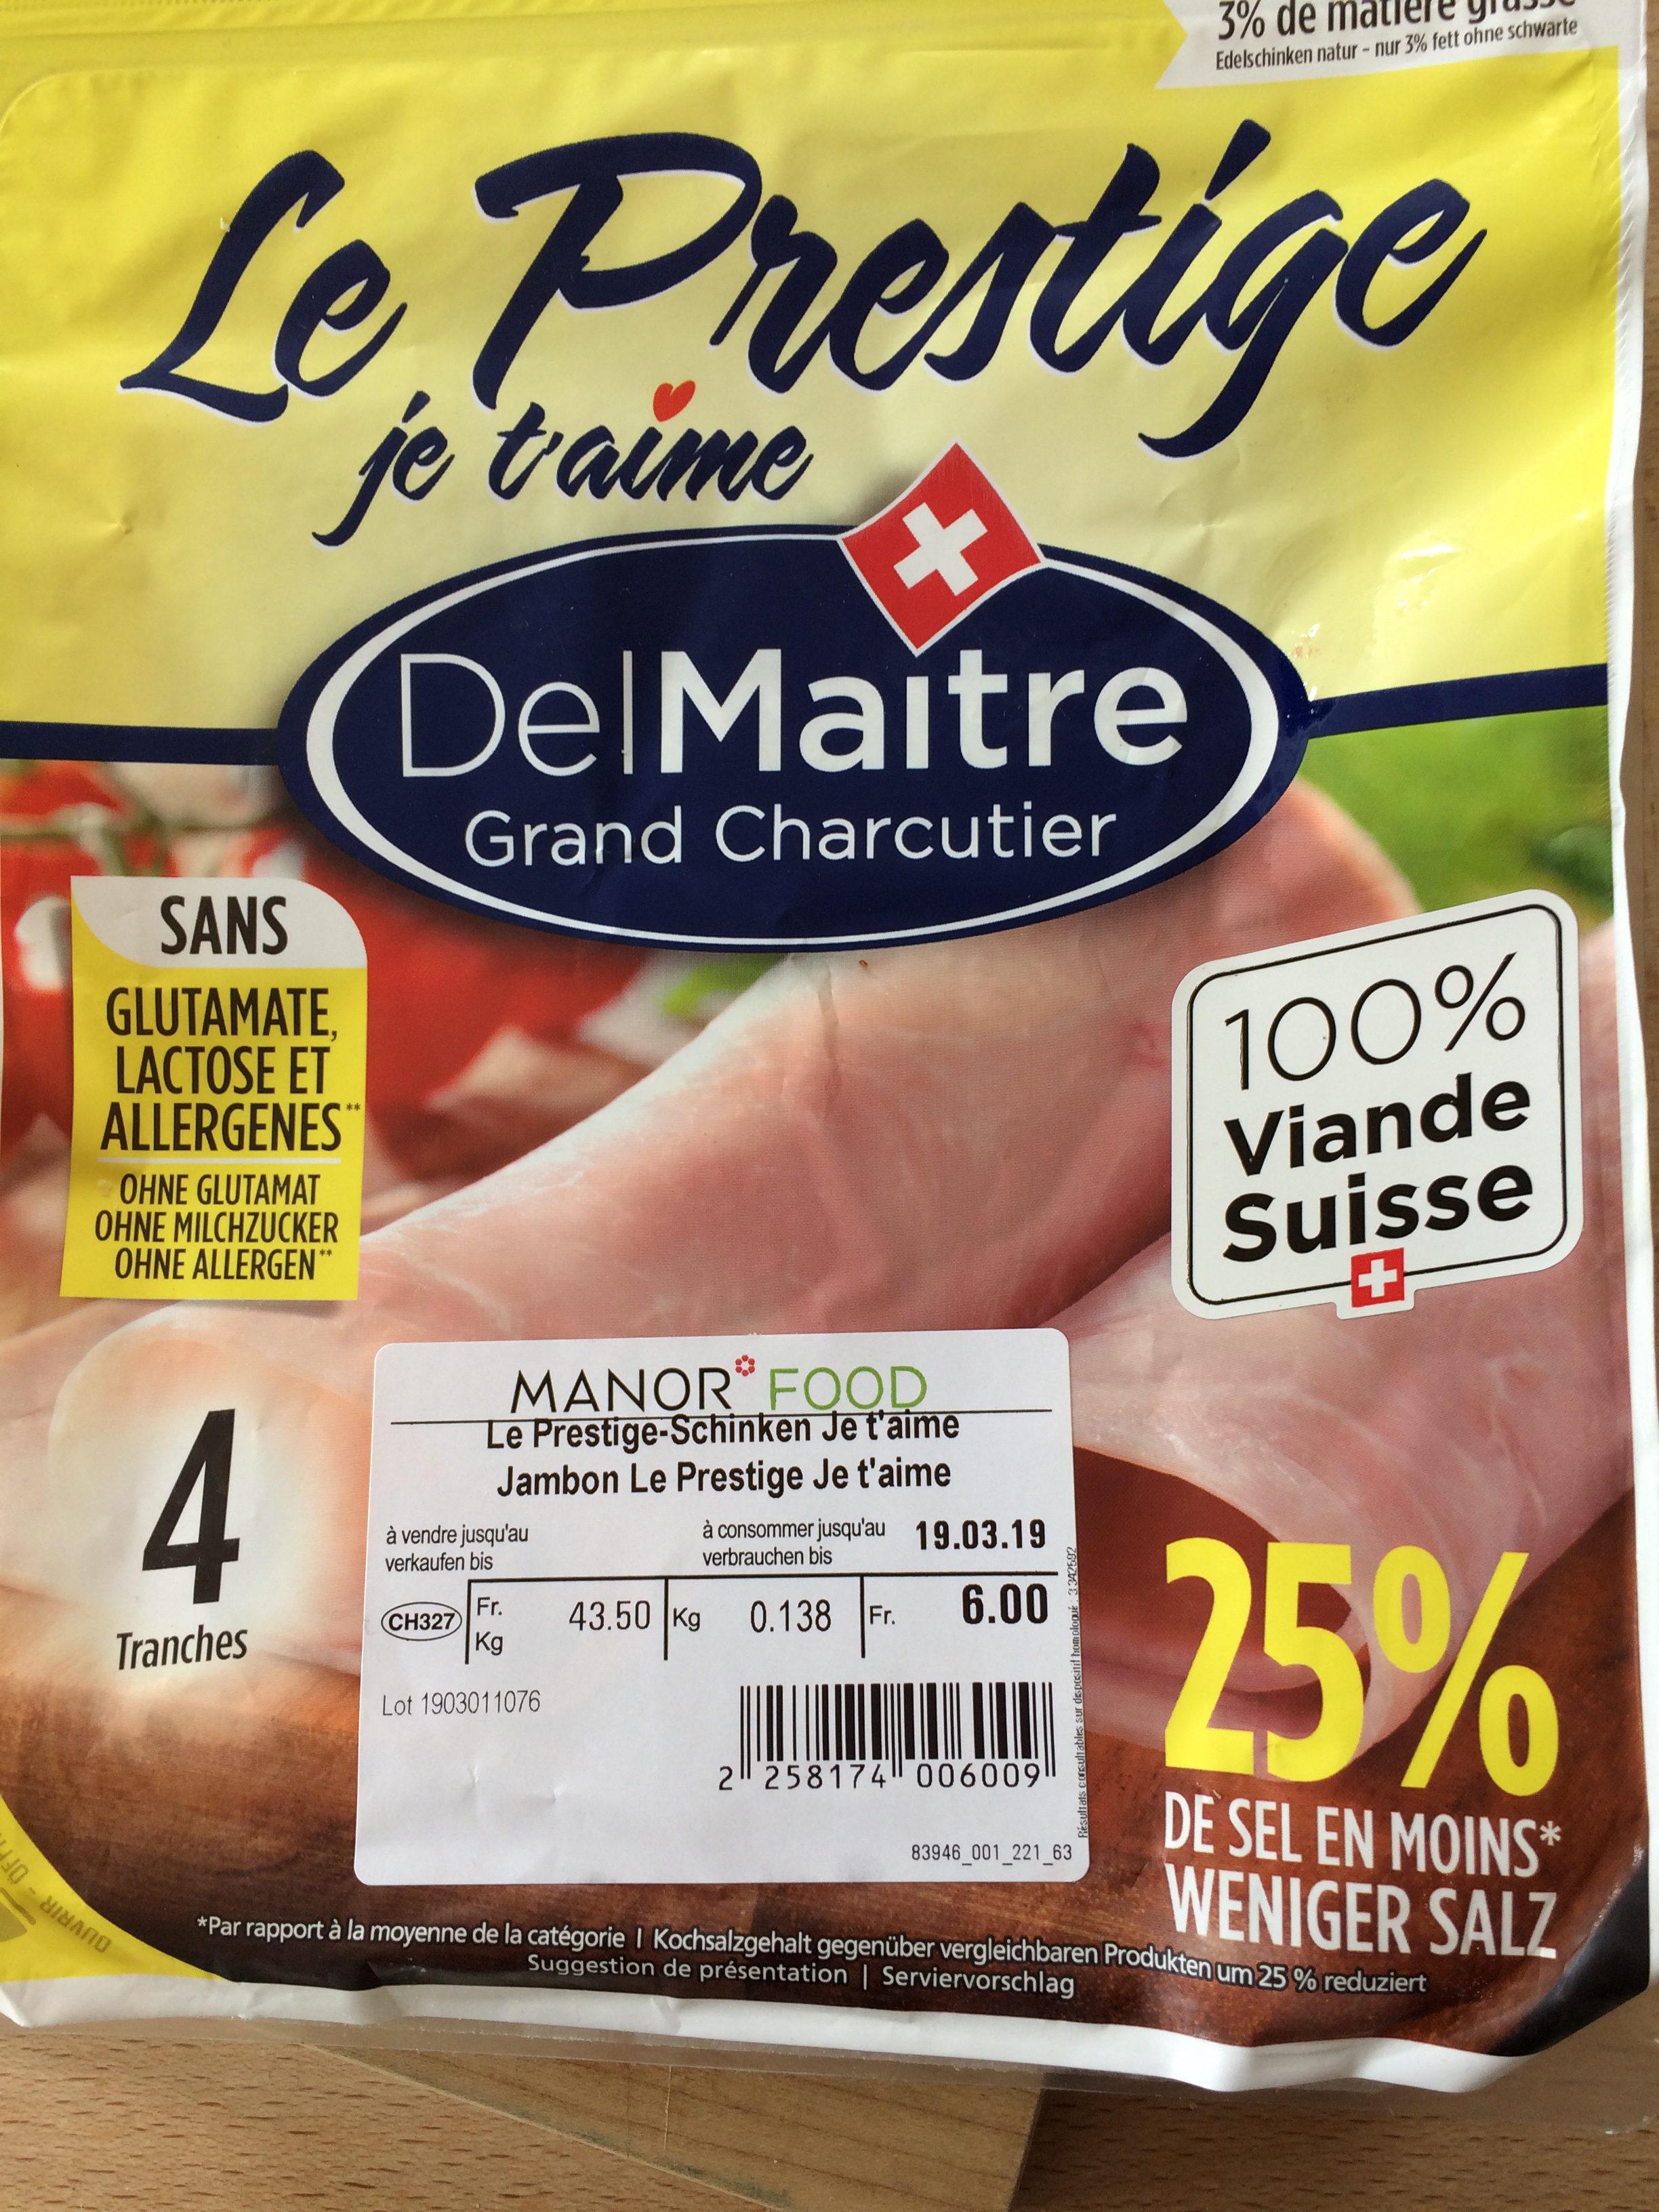 Prestigedel Maître - Prodotto - fr